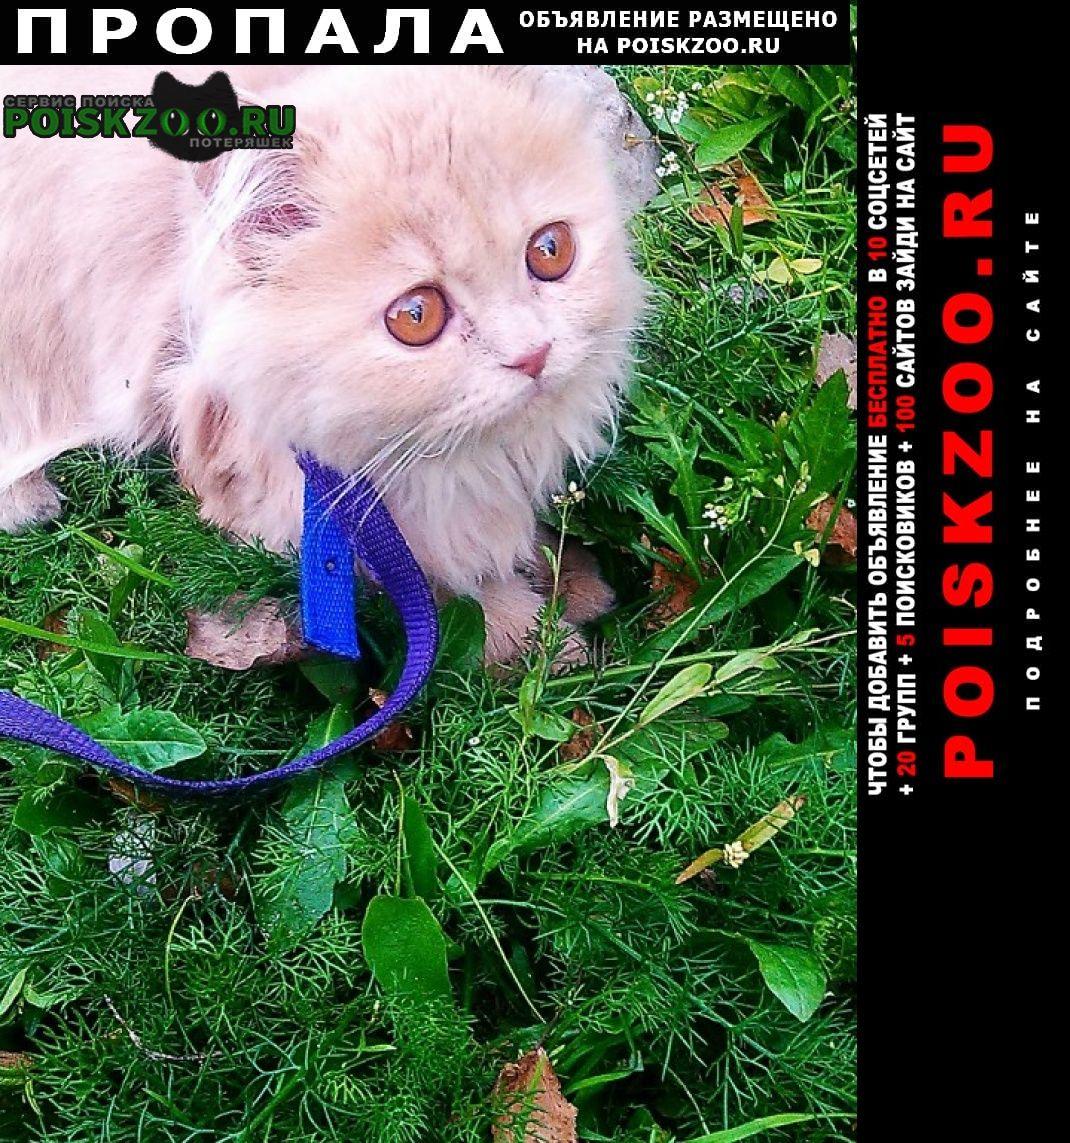 Пропала кошка Светлогорск Гомельская обл.